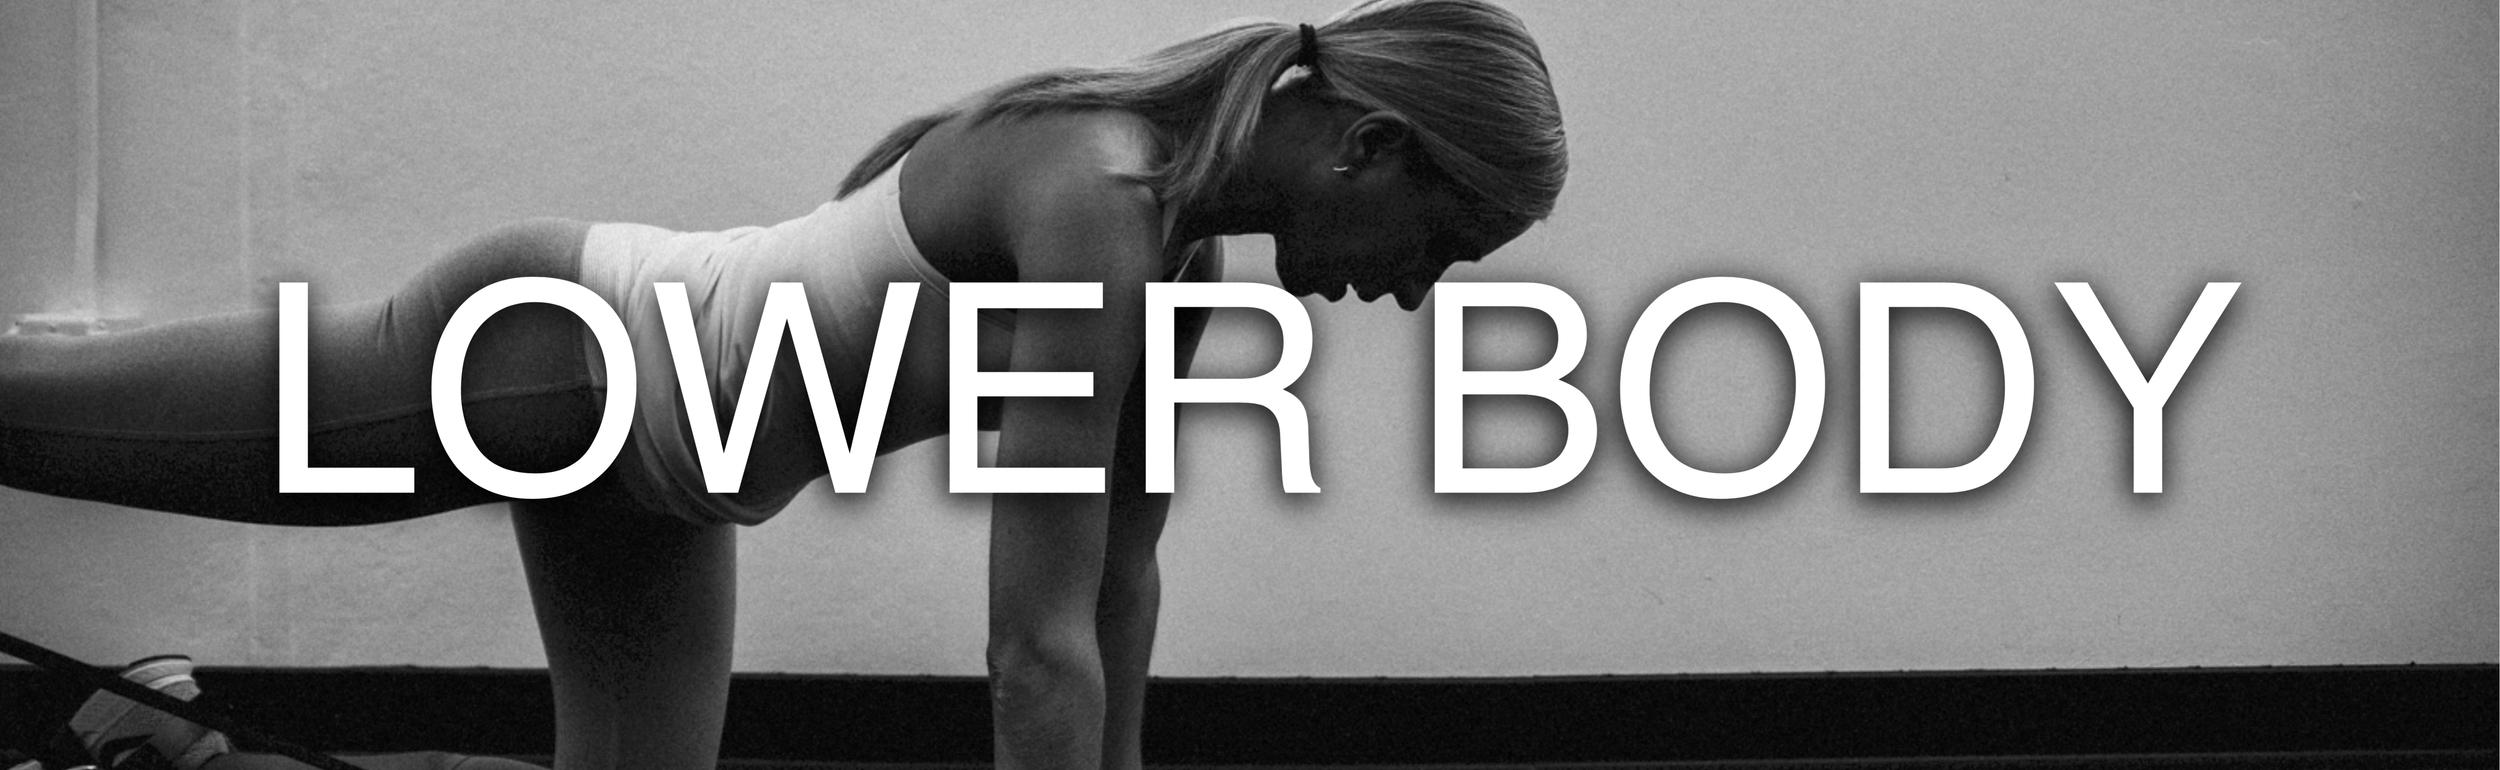 Body Tabs - Lower Body.jpg